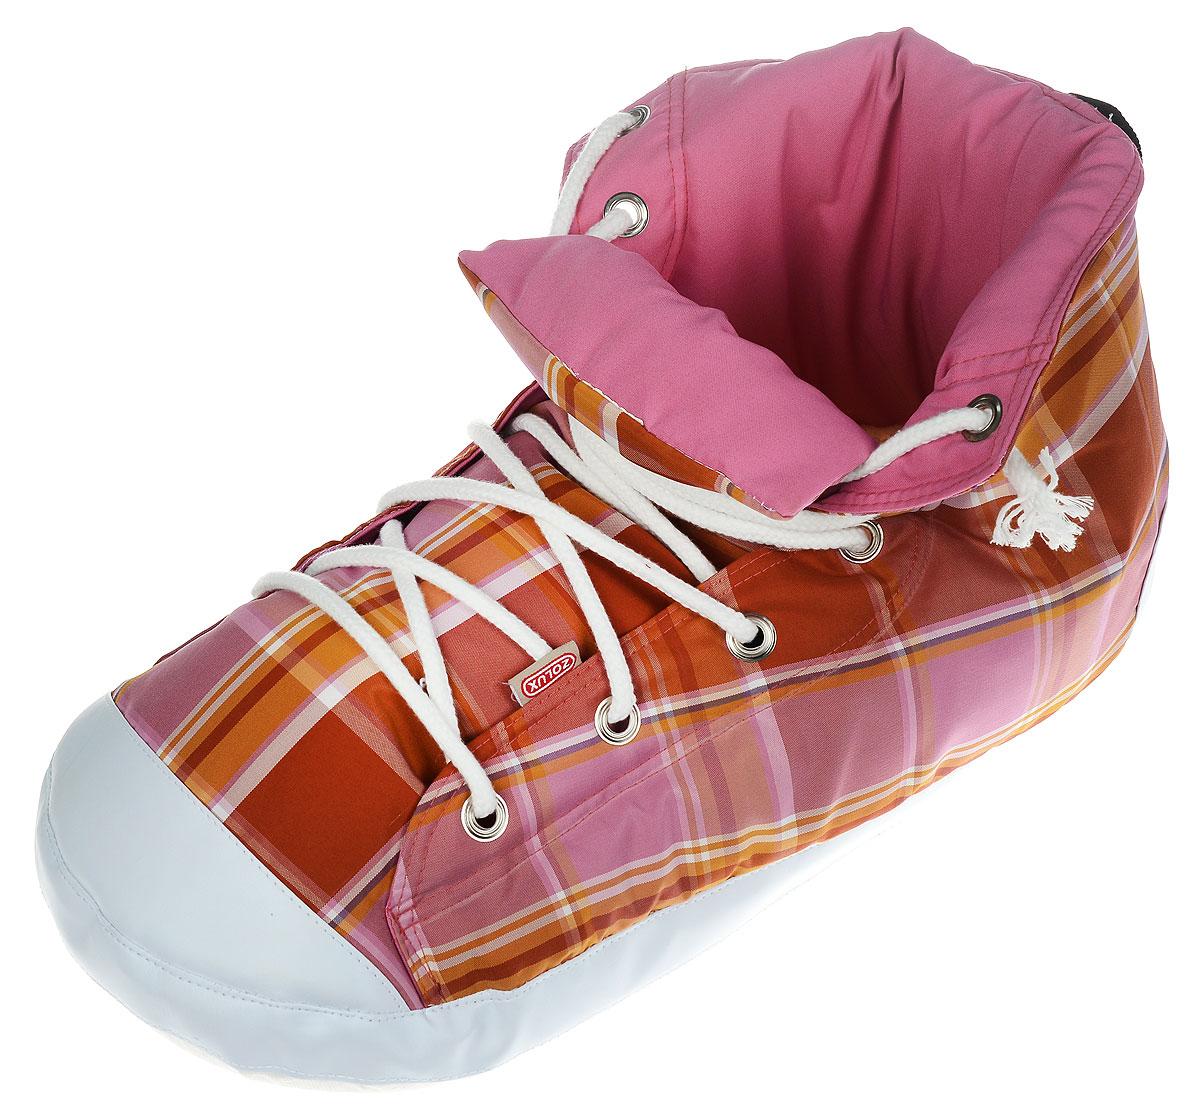 Лежанка-тапок для кошек Zolux, цвет: розовый, коричнево-желтый, белый, 54 х 25 х 27 см3336025002154 / 500215OSЛежанка-тапок Zolux станет лучшим подарком для вашего любимца. Изделие выполнено из хлопчатобумажной ткани, а наполнитель - мягкий синтепон. Шуршащая стенка надолго привлечет внимание кошки и обеспечит интересным времяпровождением. Съемная подстилка позволяет легко содержать лежанку в чистоте. В таком лежаке в виде ботинка вашему питомцу будет комфортно и уютно, животное всегда найдет там укрытие и сможет спрятаться. С помощью специальной петли изделие можно подвесить.